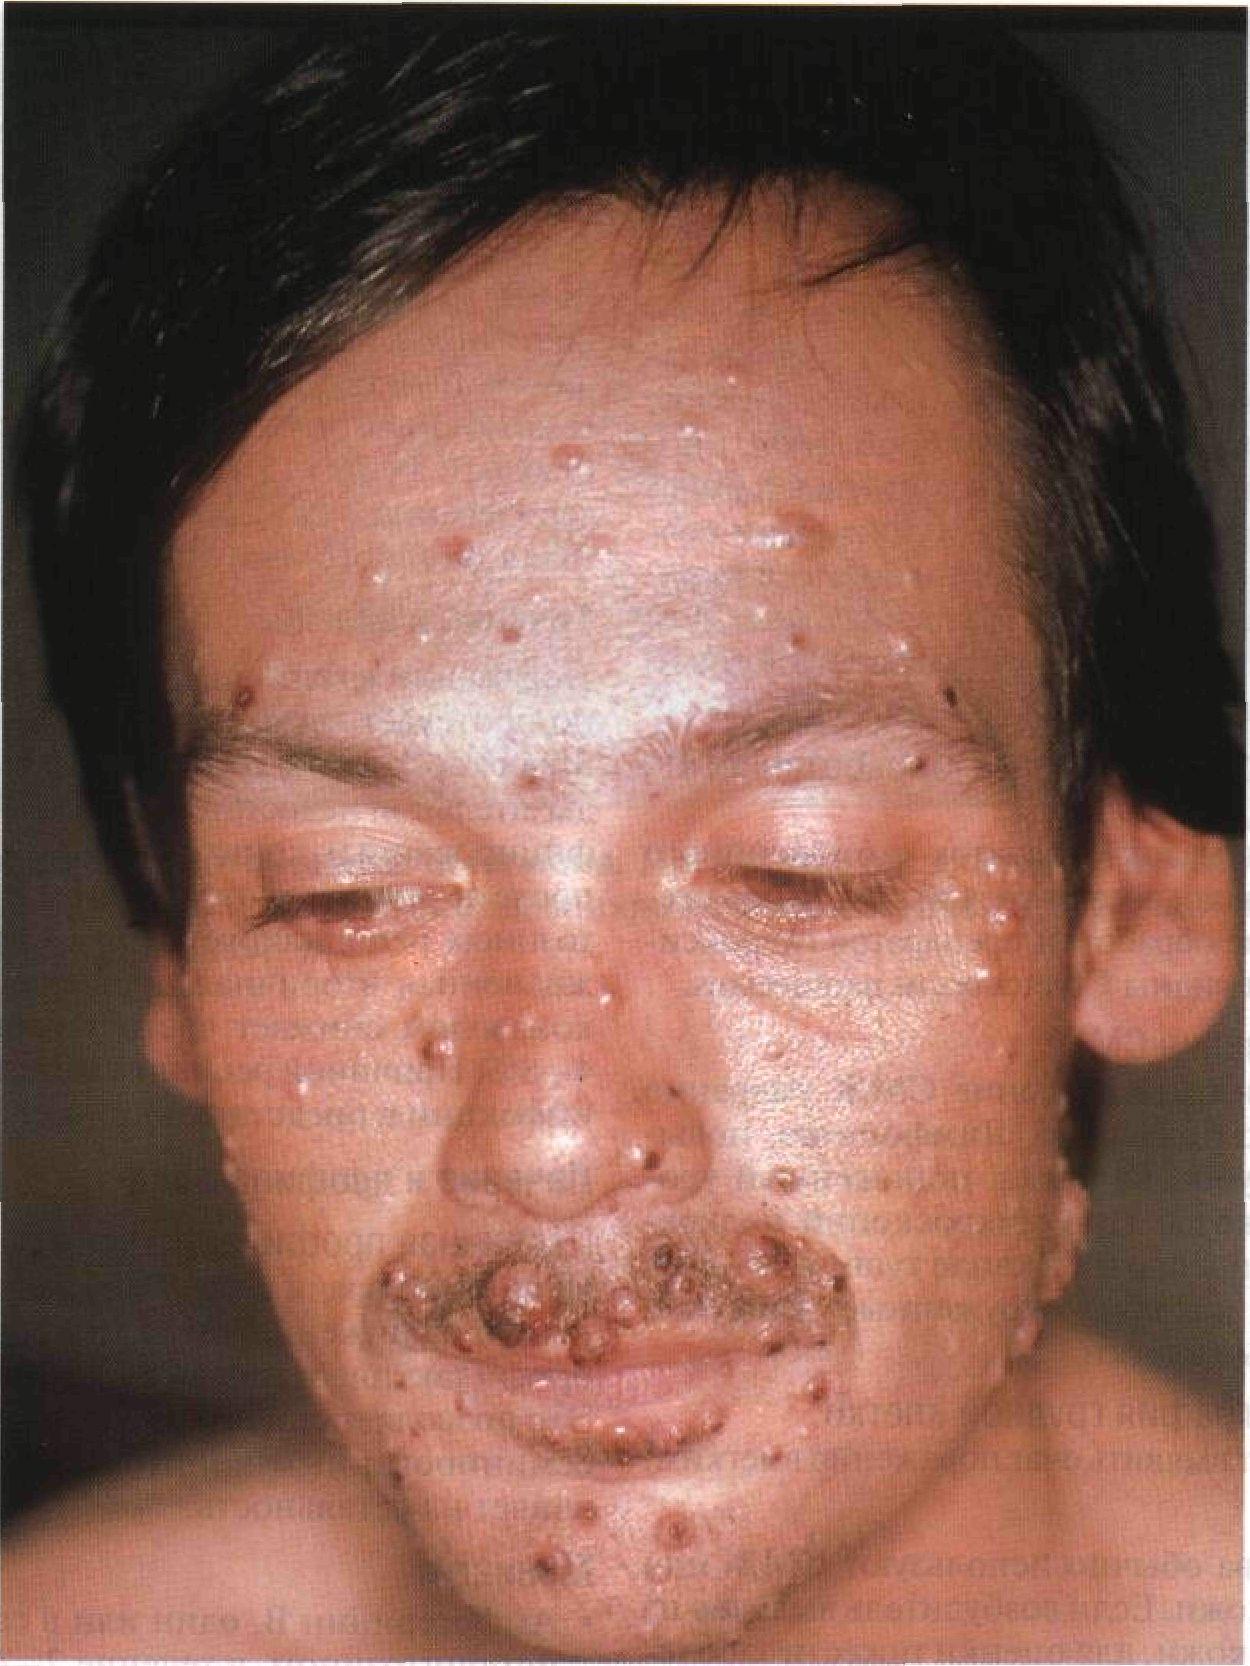 паразиты на лице человека